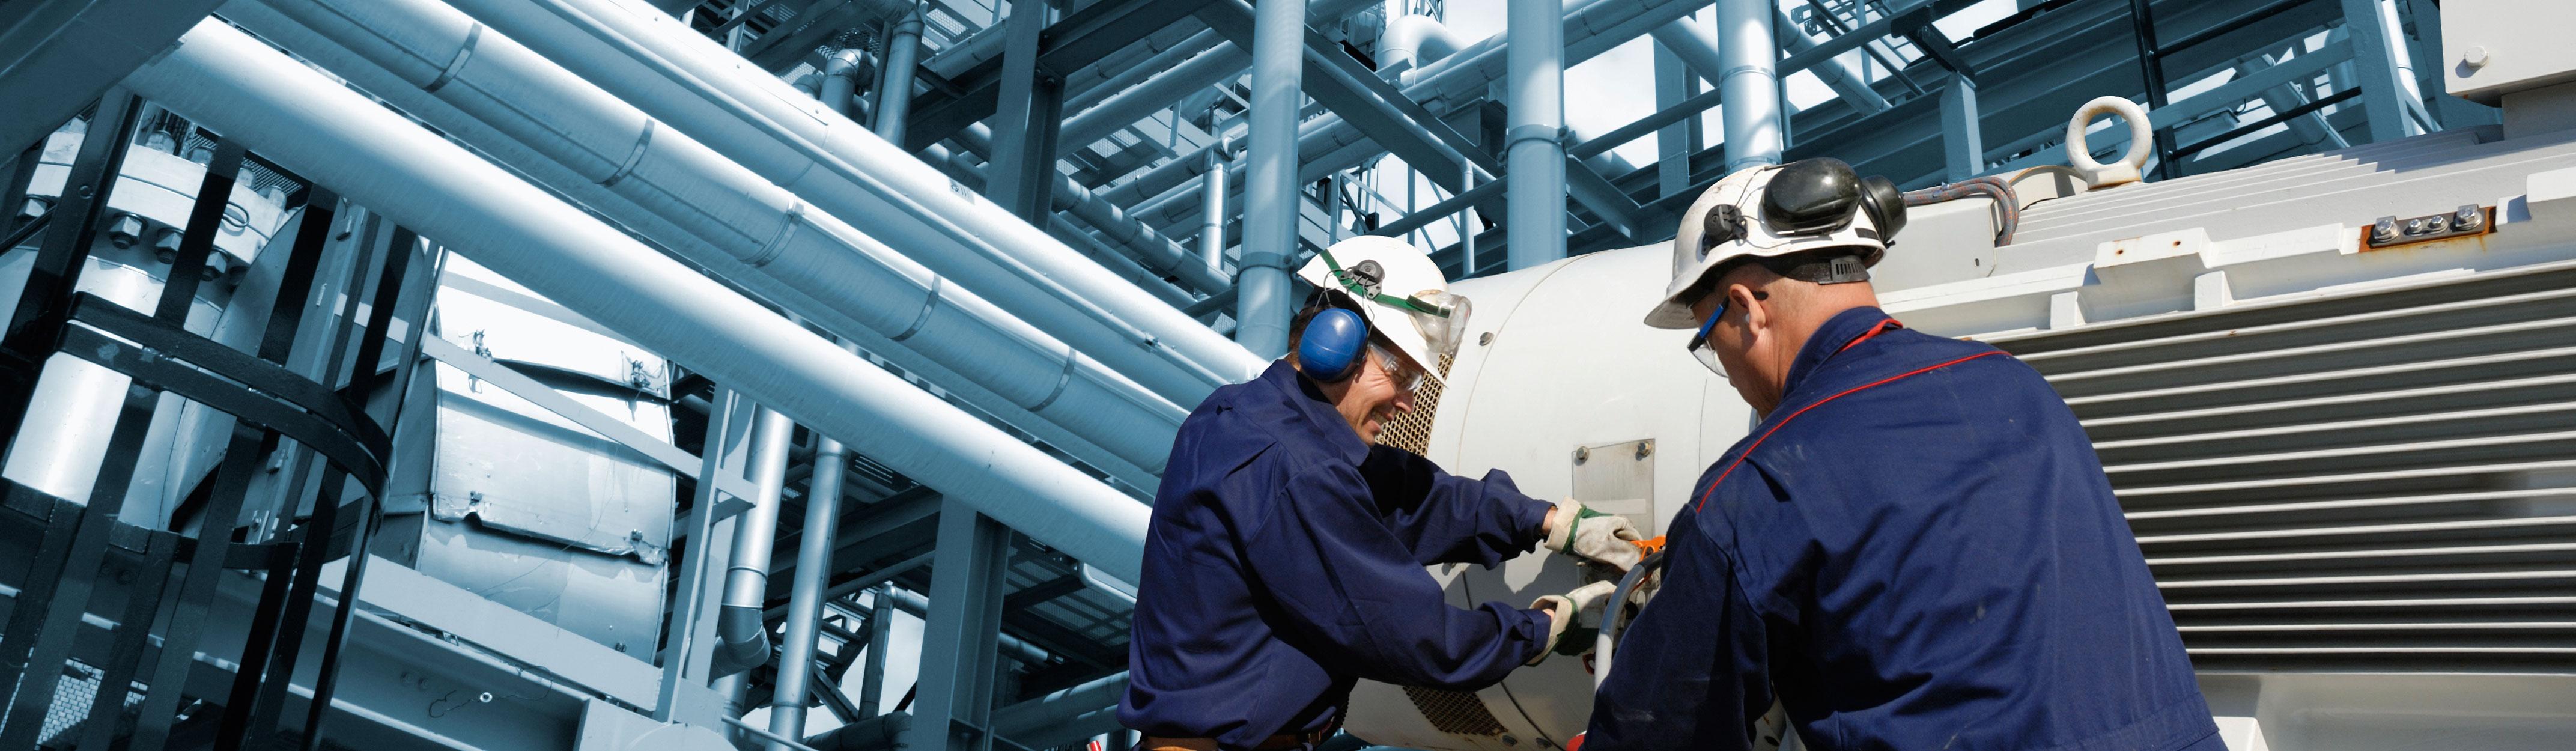 Nødservice, nødstrømsservice og forebyggende vedligeholdelses service hos Norwerk